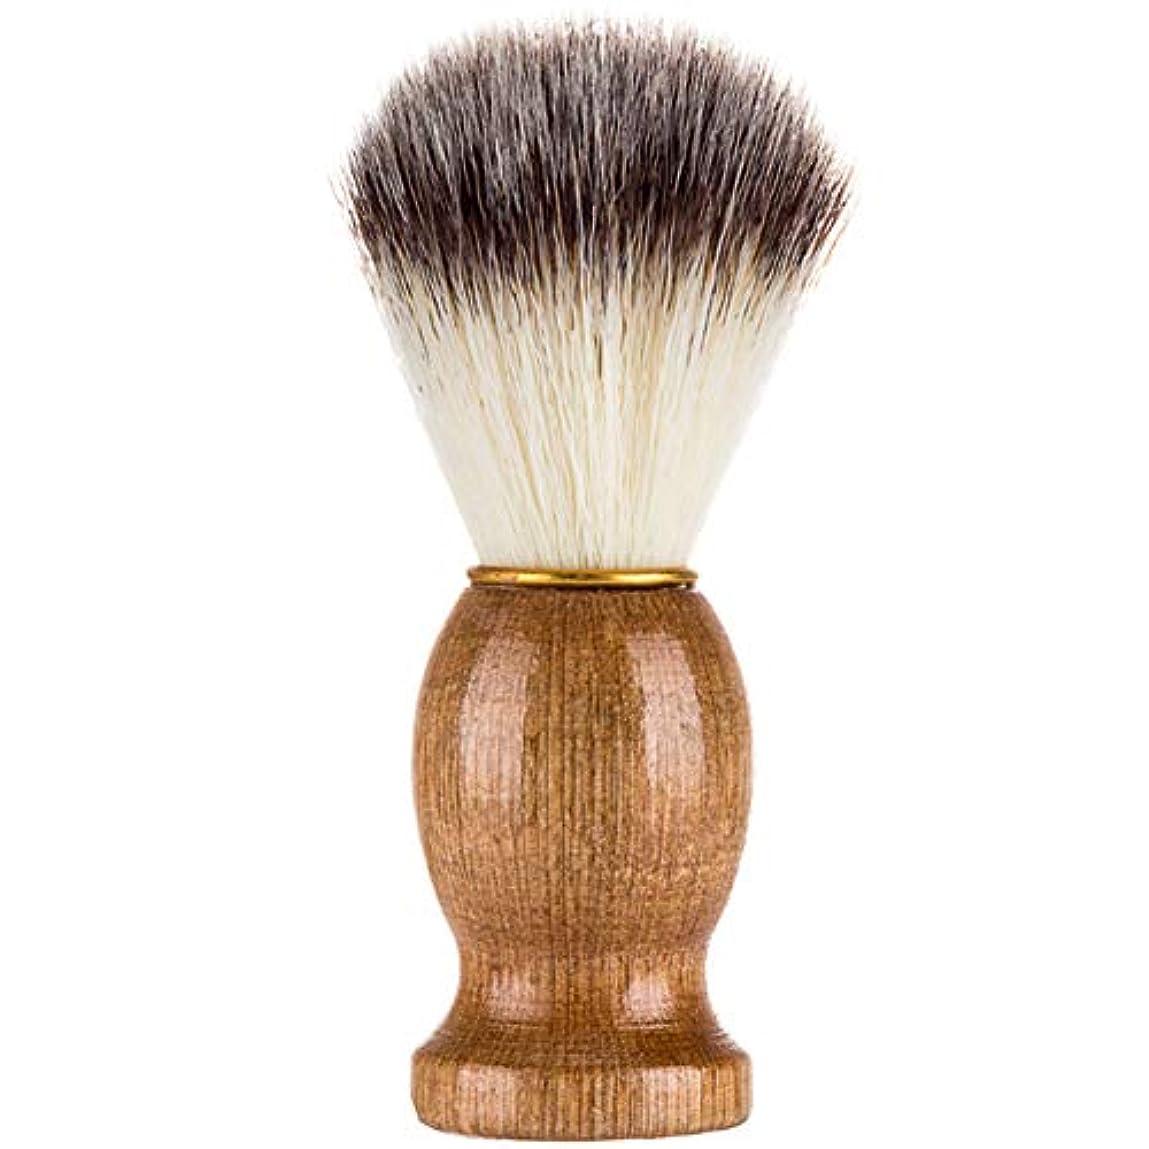 欠席ケージ補体Profeel シェービングブラシ、シェービングブラシ、男性シェービングブラシシェービングかみそりブラシサロン理髪店用ツールひげ剃り用品